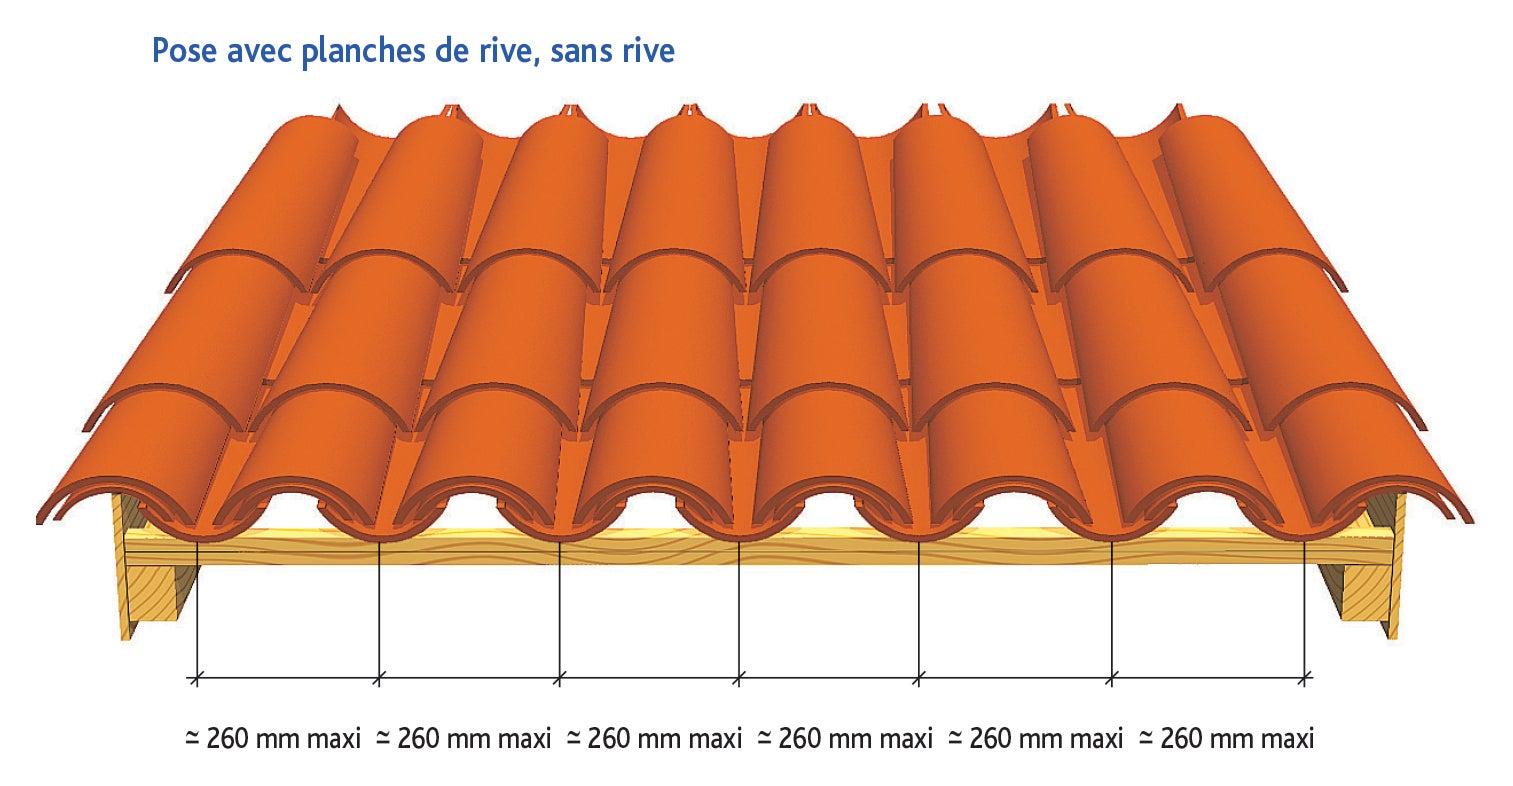 Tuile CANAL 50 REABILIS d'EDILIANS : Pose avec planches de rive, sans rive